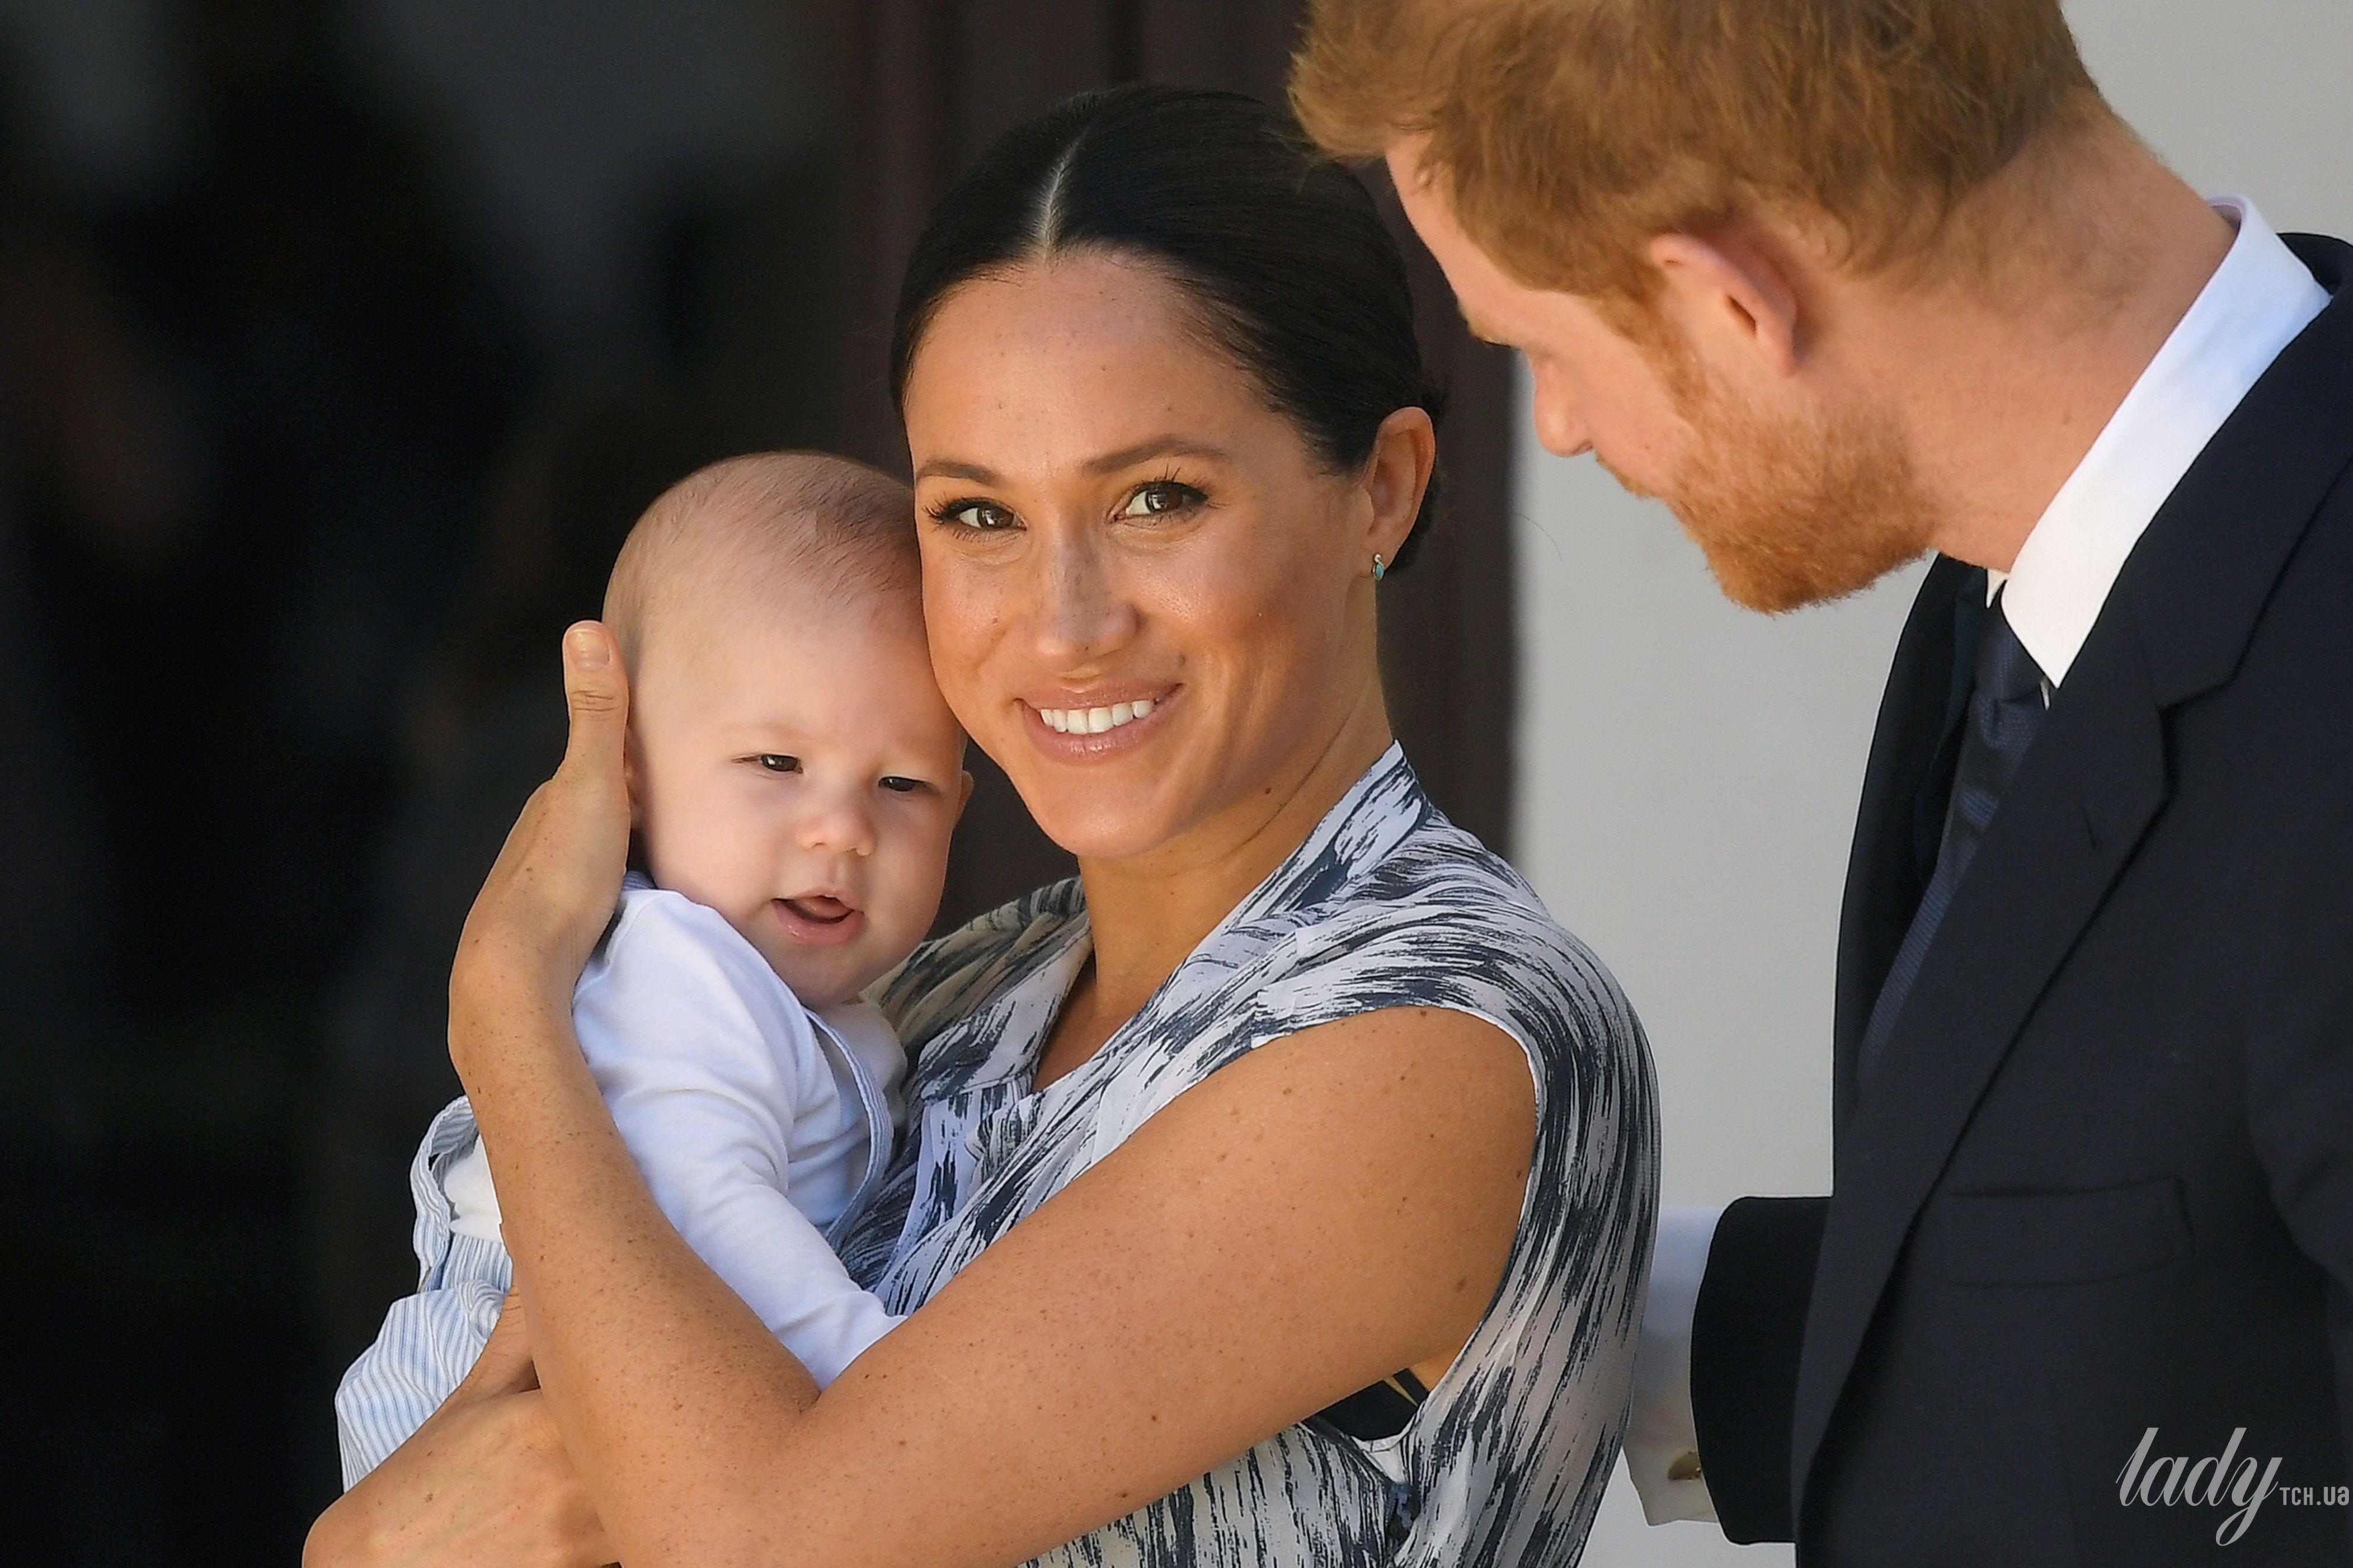 Стало известно, как пройдет день рождения сына Меган Маркл и принца Гарри